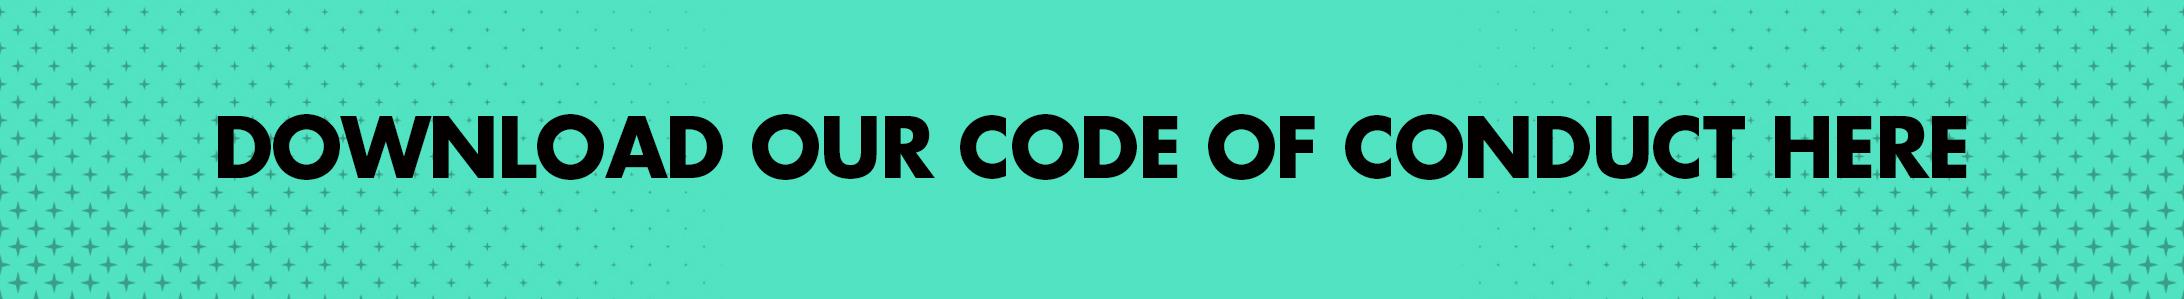 CodeOfConductBanner_Teal.jpg